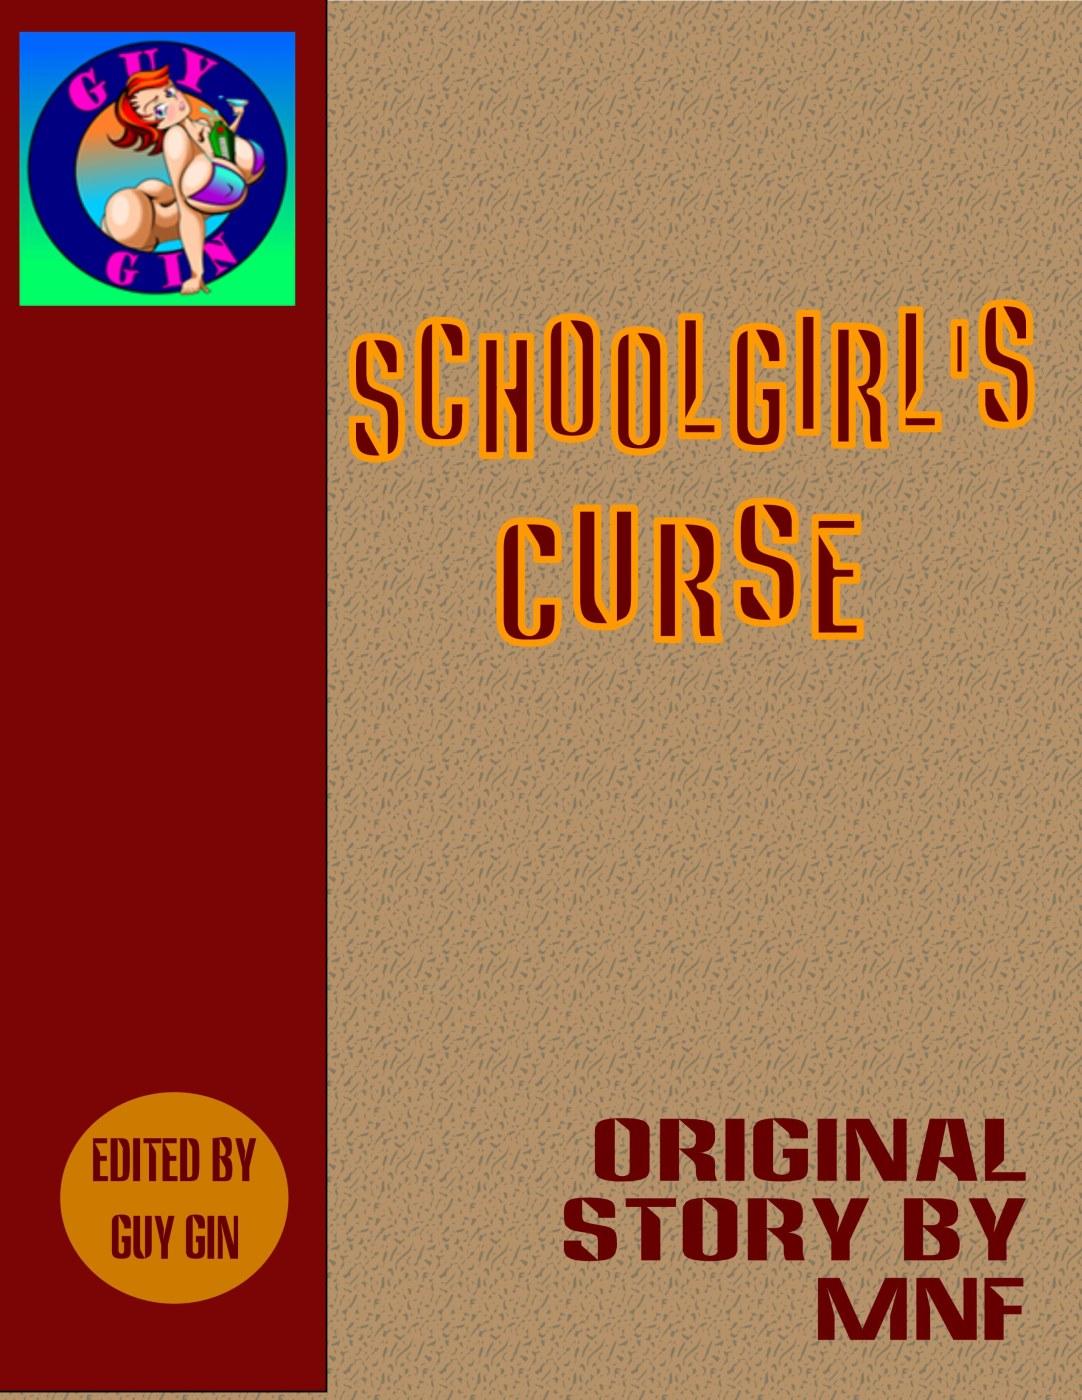 School Girl Curse 1 (GuyGin Remix) porn comics 8 muses